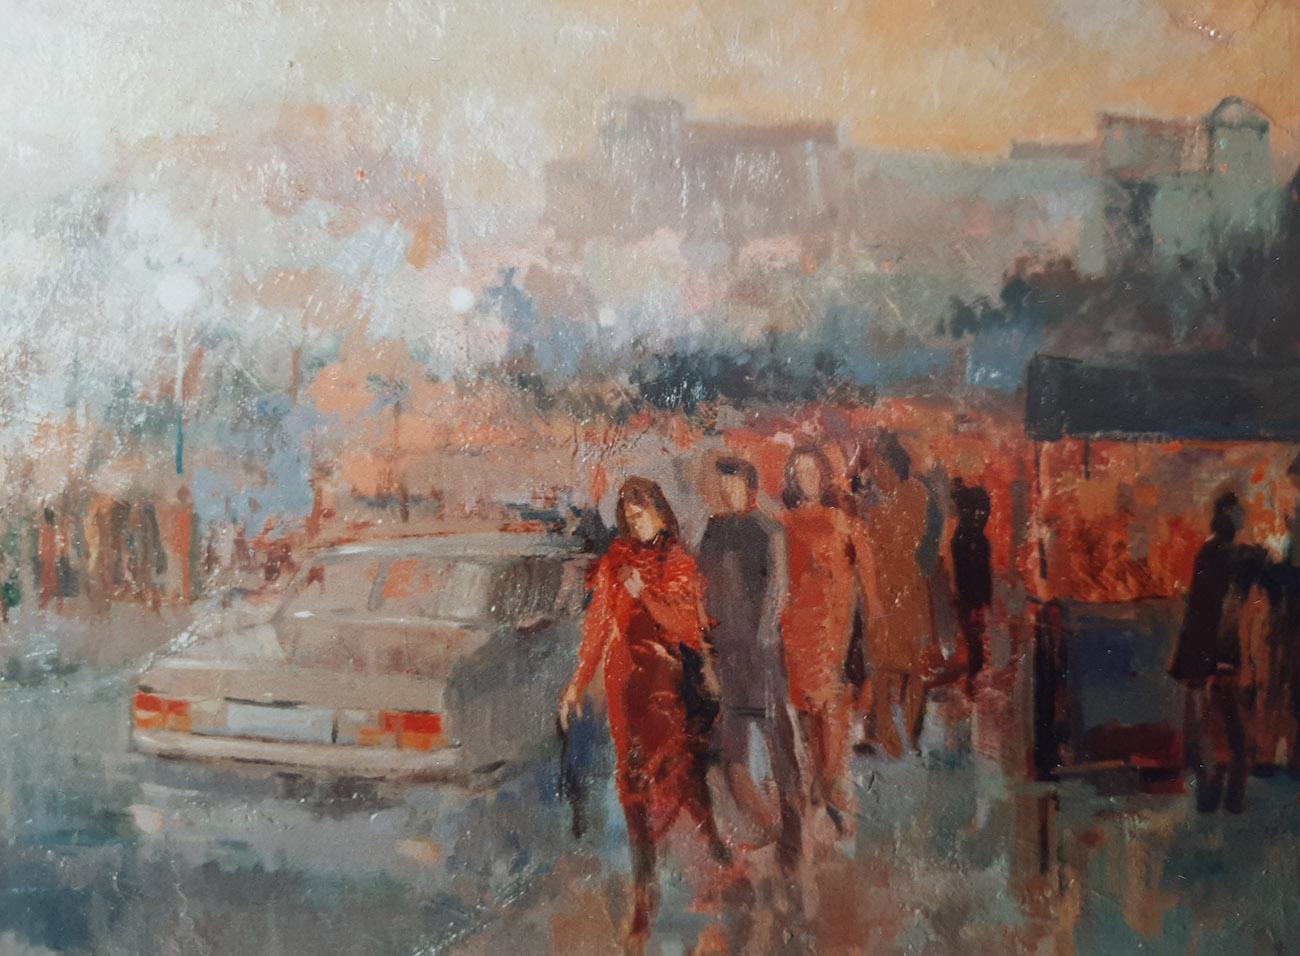 Juan Amo. (1964). Chirimiri en Bilbao. Óleo - Tabla. Colección Privada.